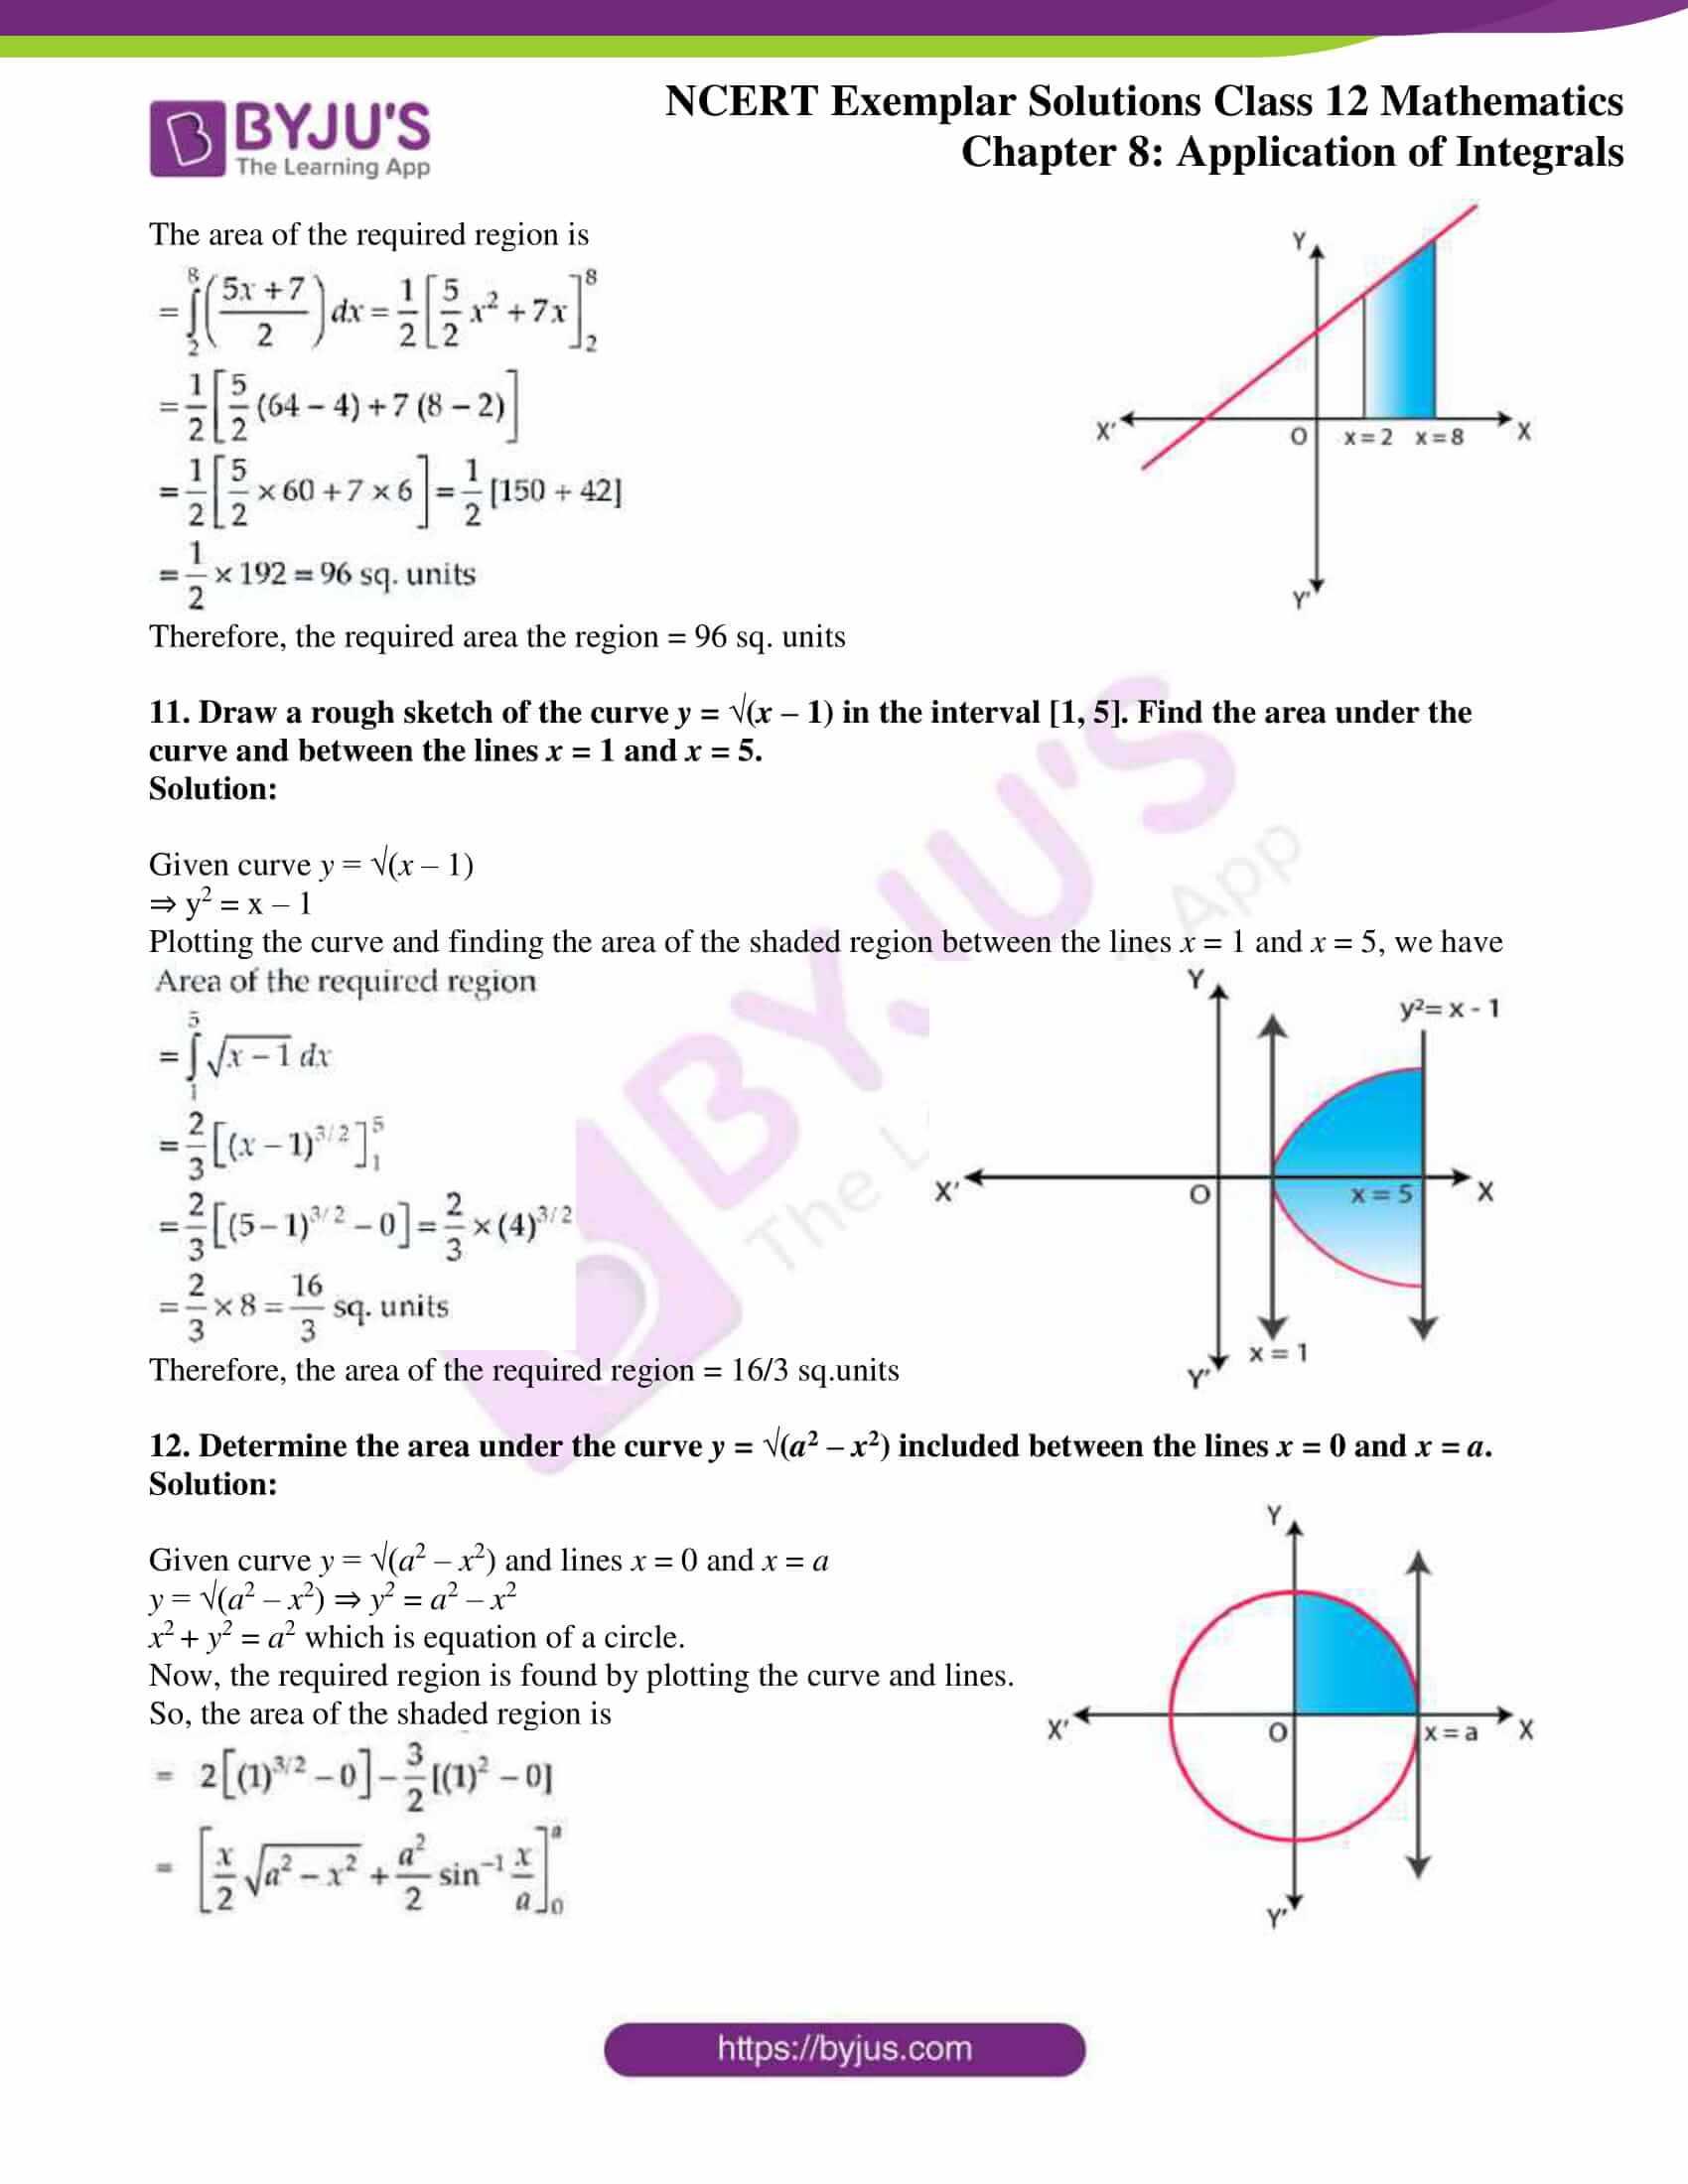 ncert exemplar sol class 12 mathematics ch 8 6